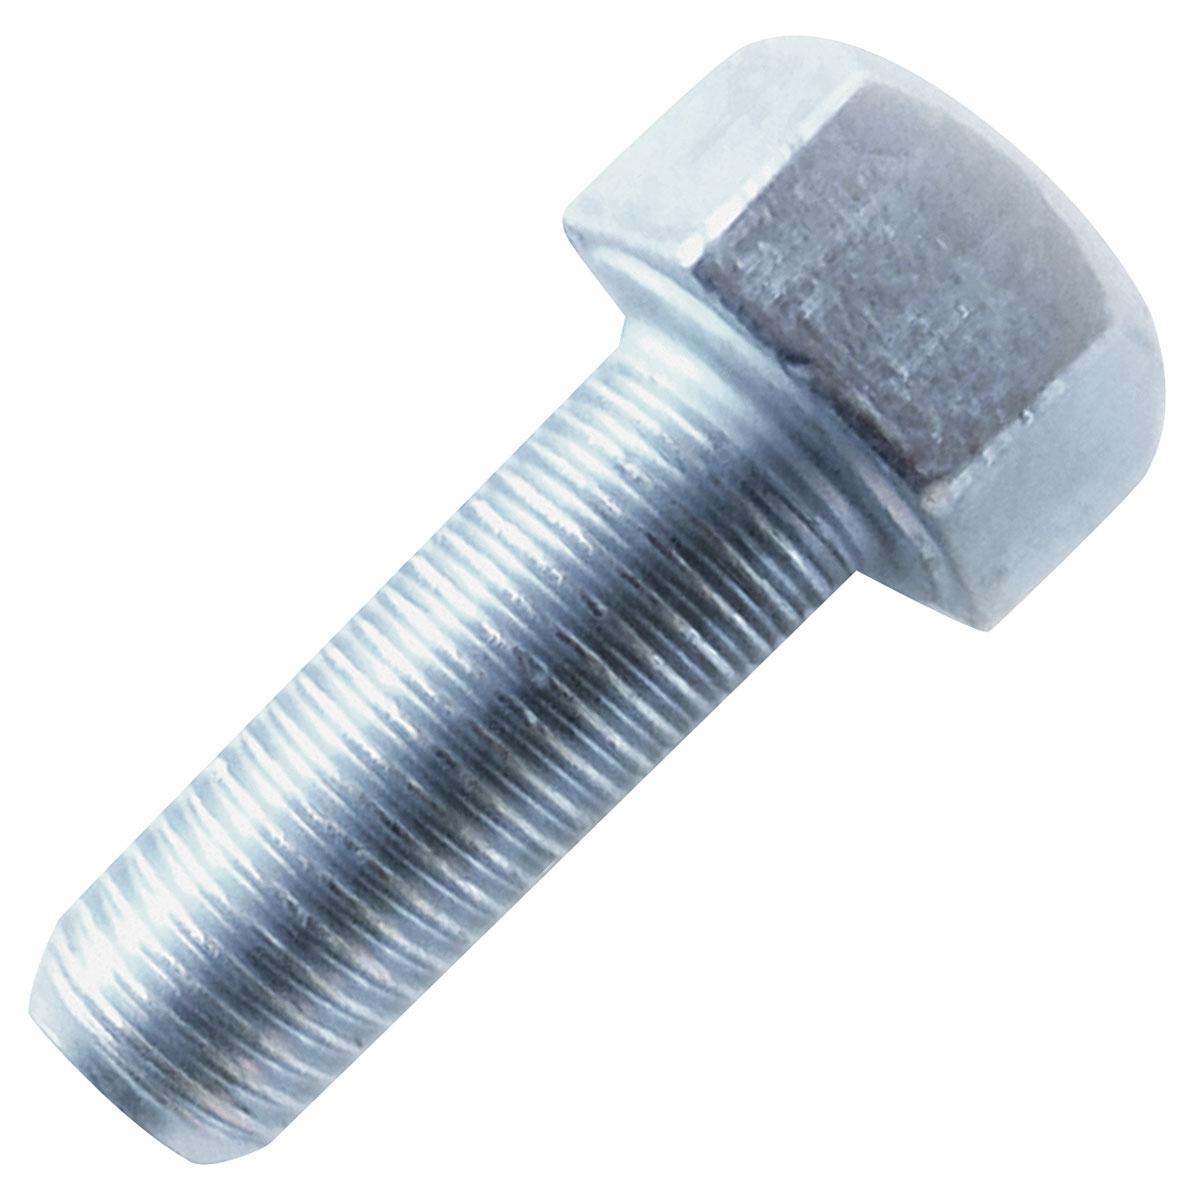 Photo of Cutlass/442 Harmonic Balancer Hardware, OE Style bolt